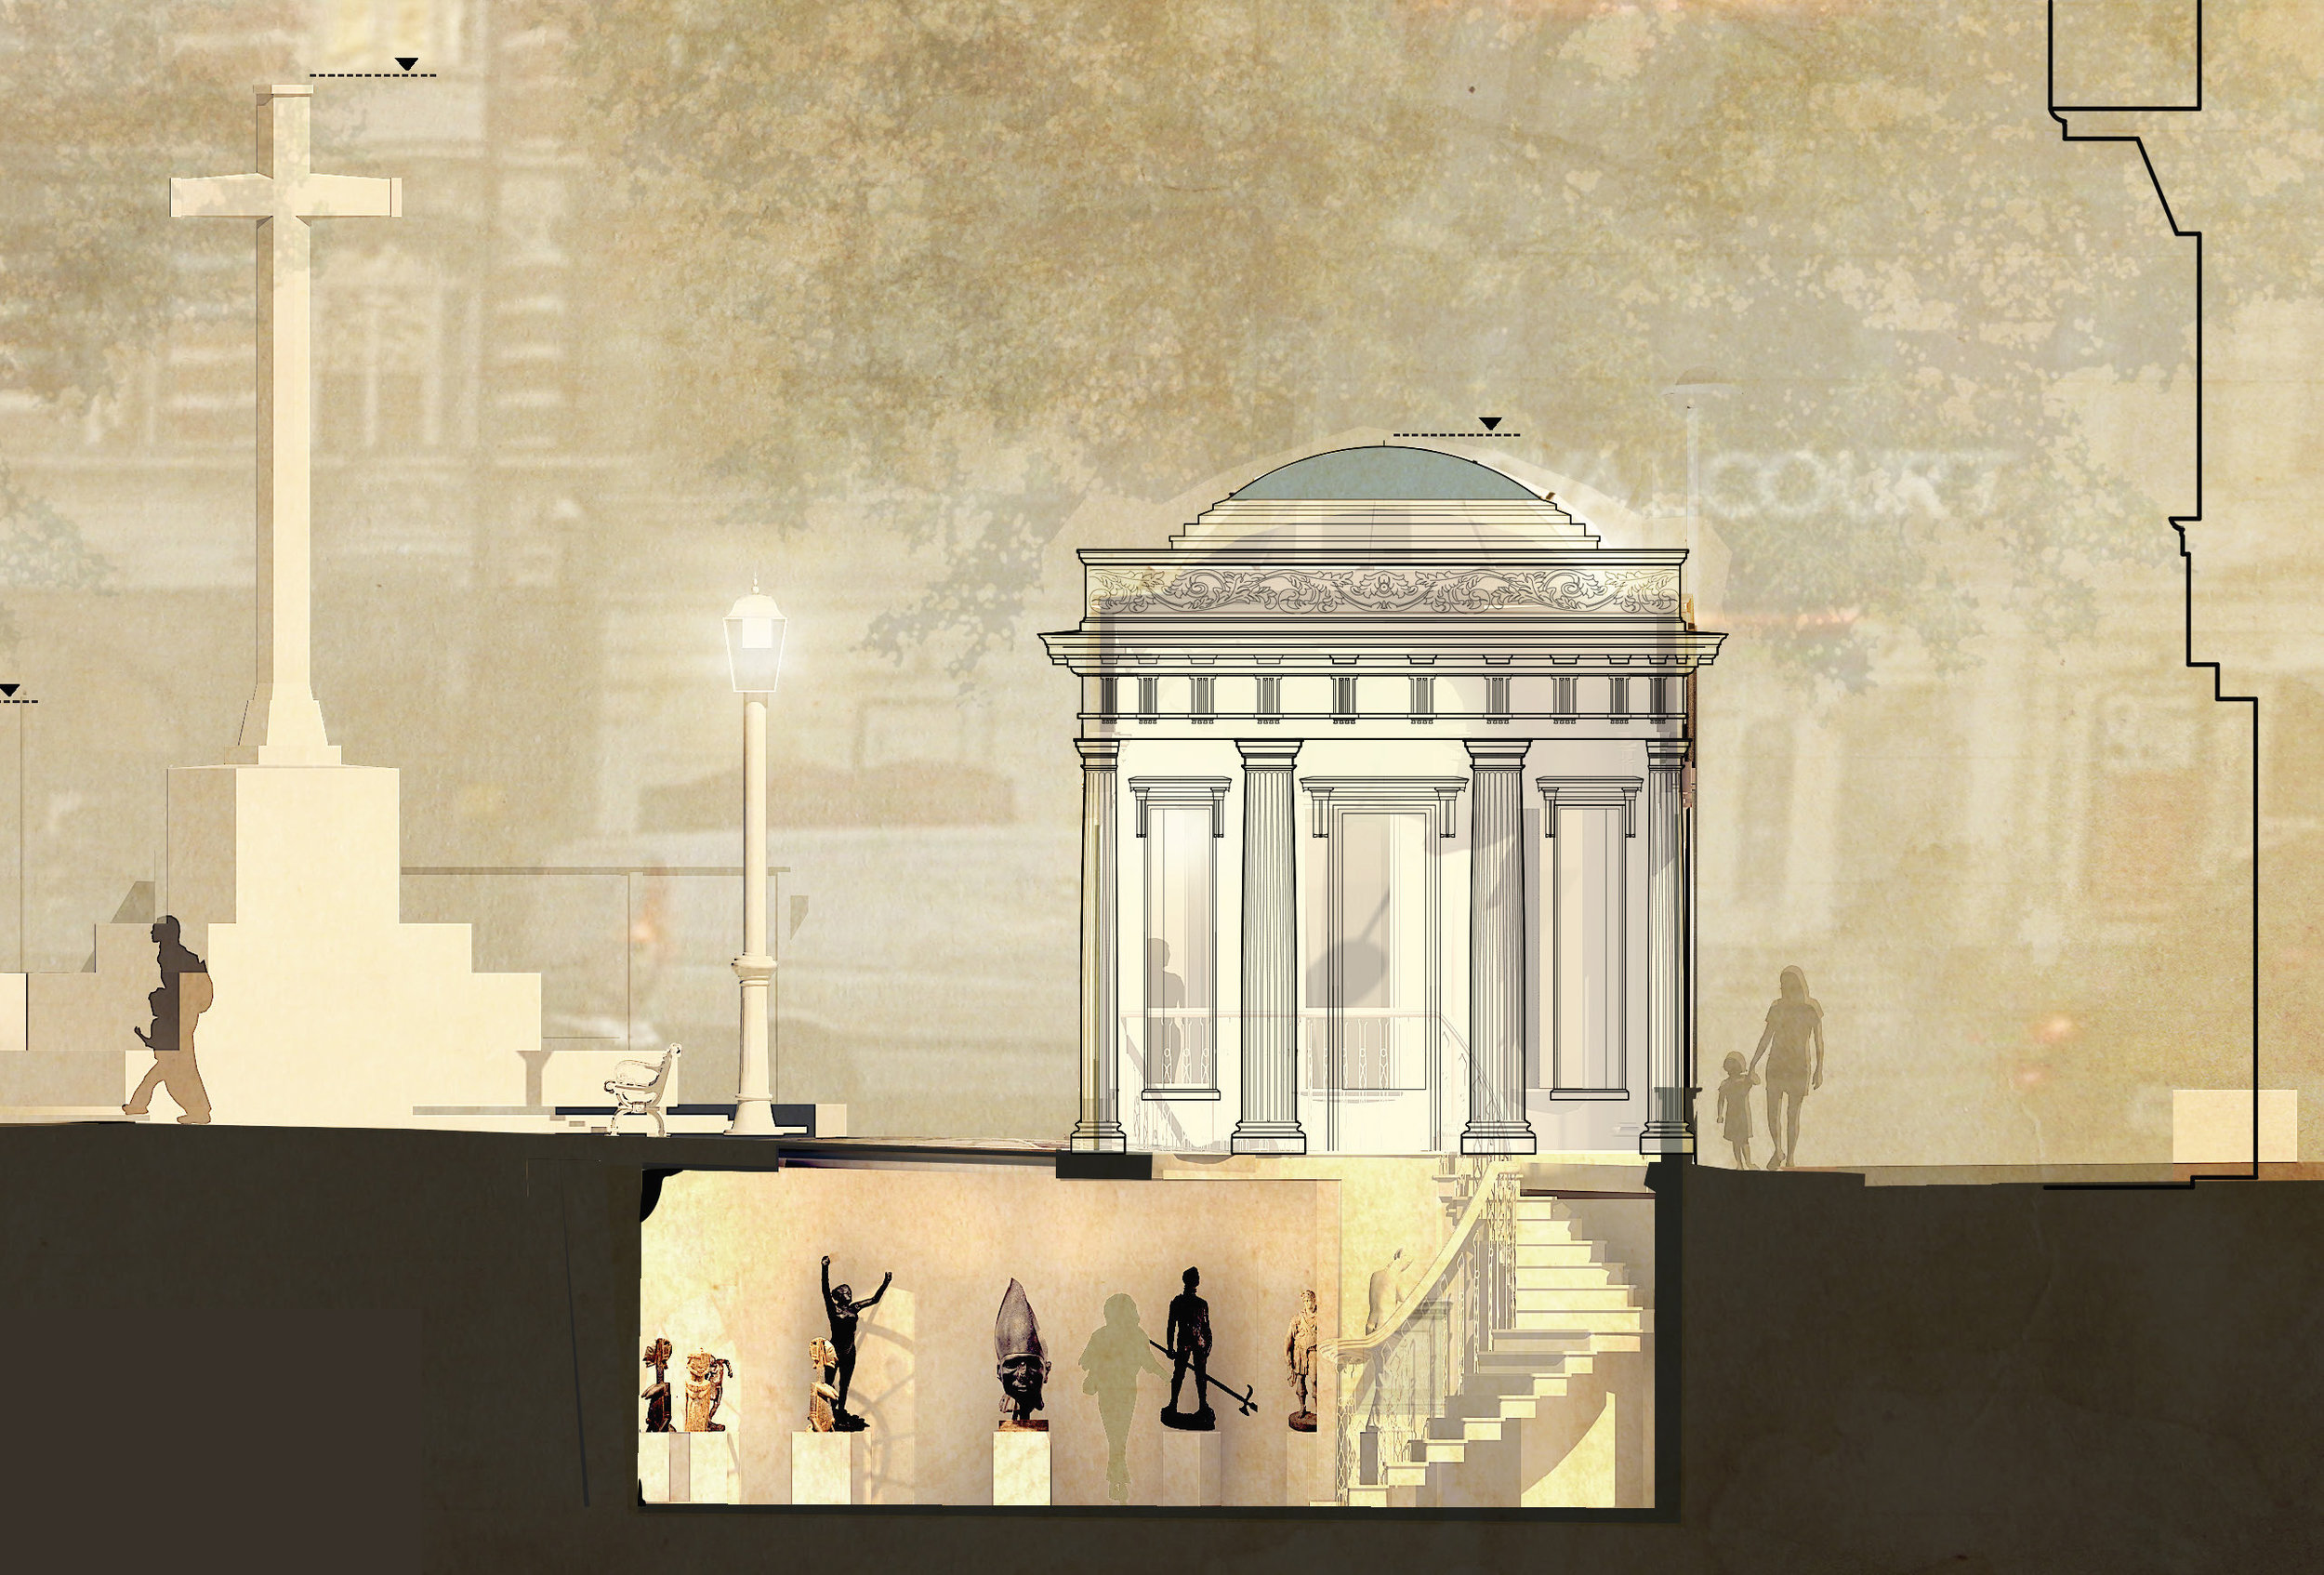 FINE architecture_Competition01_03.jpg